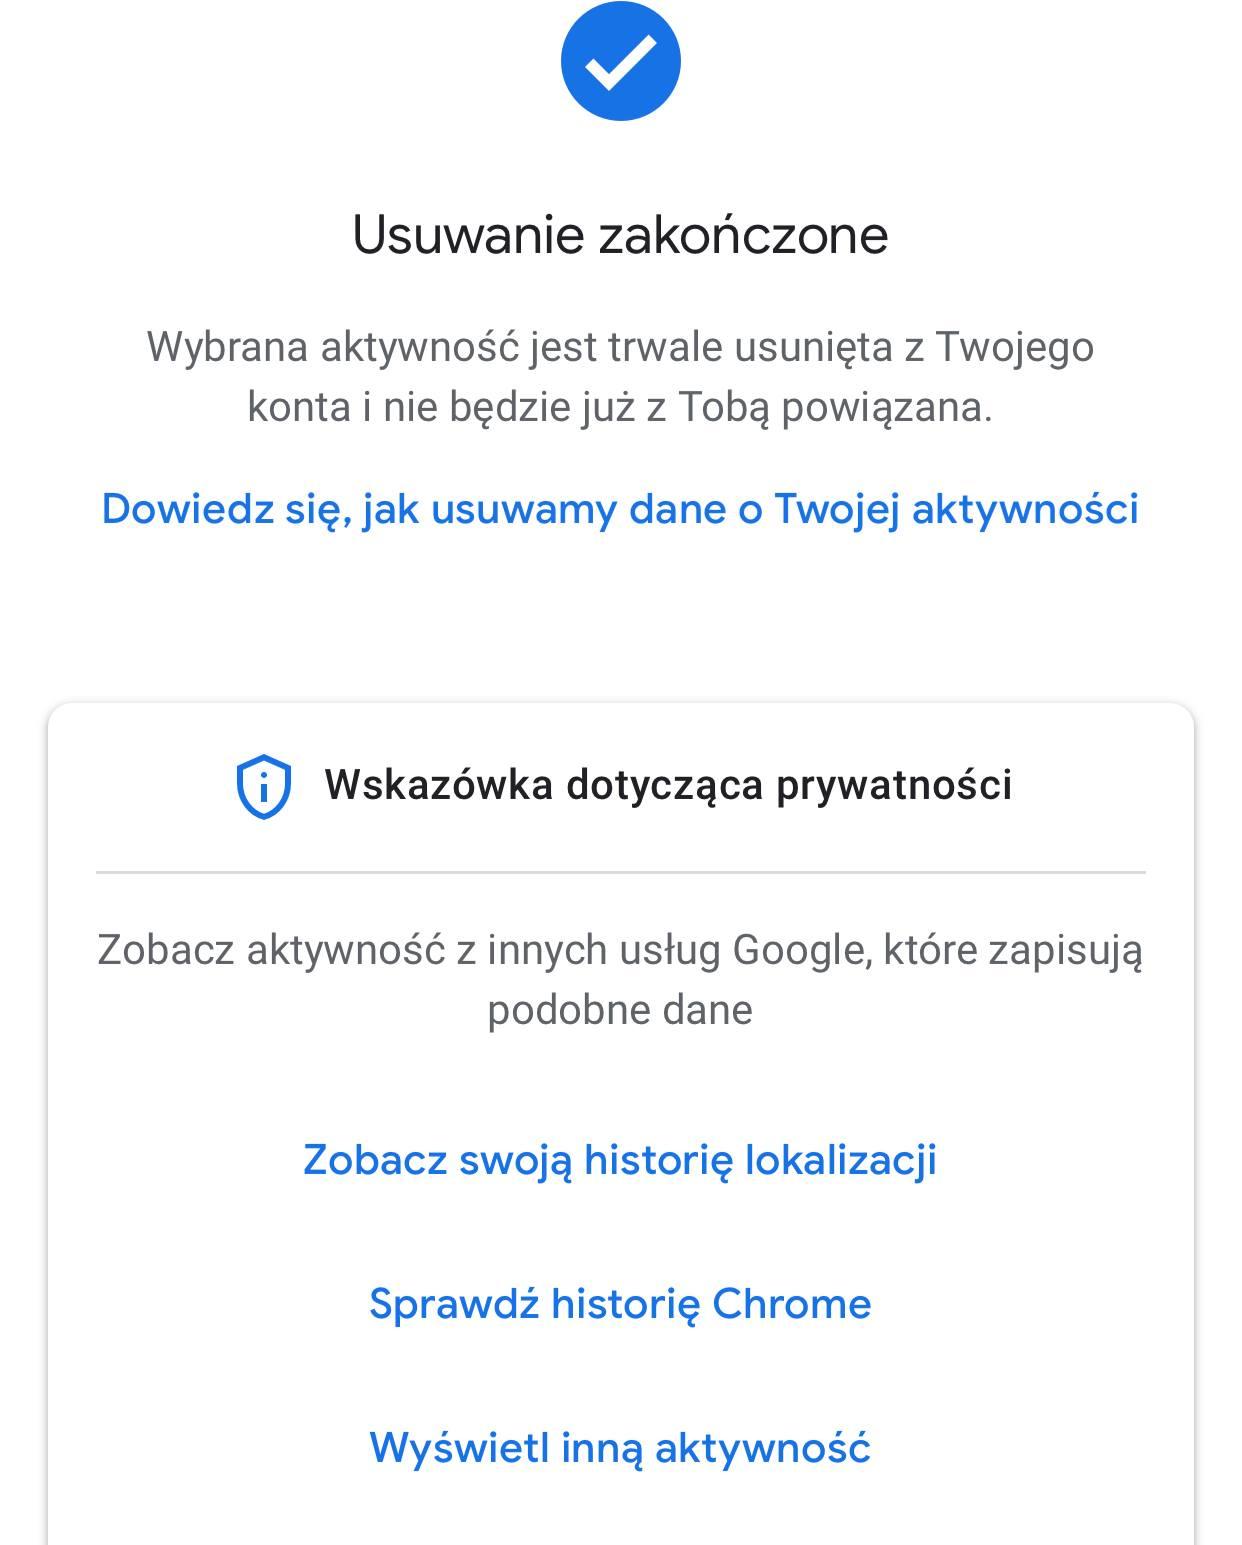 Usuwanie historii wyszukiwania zakończone - android